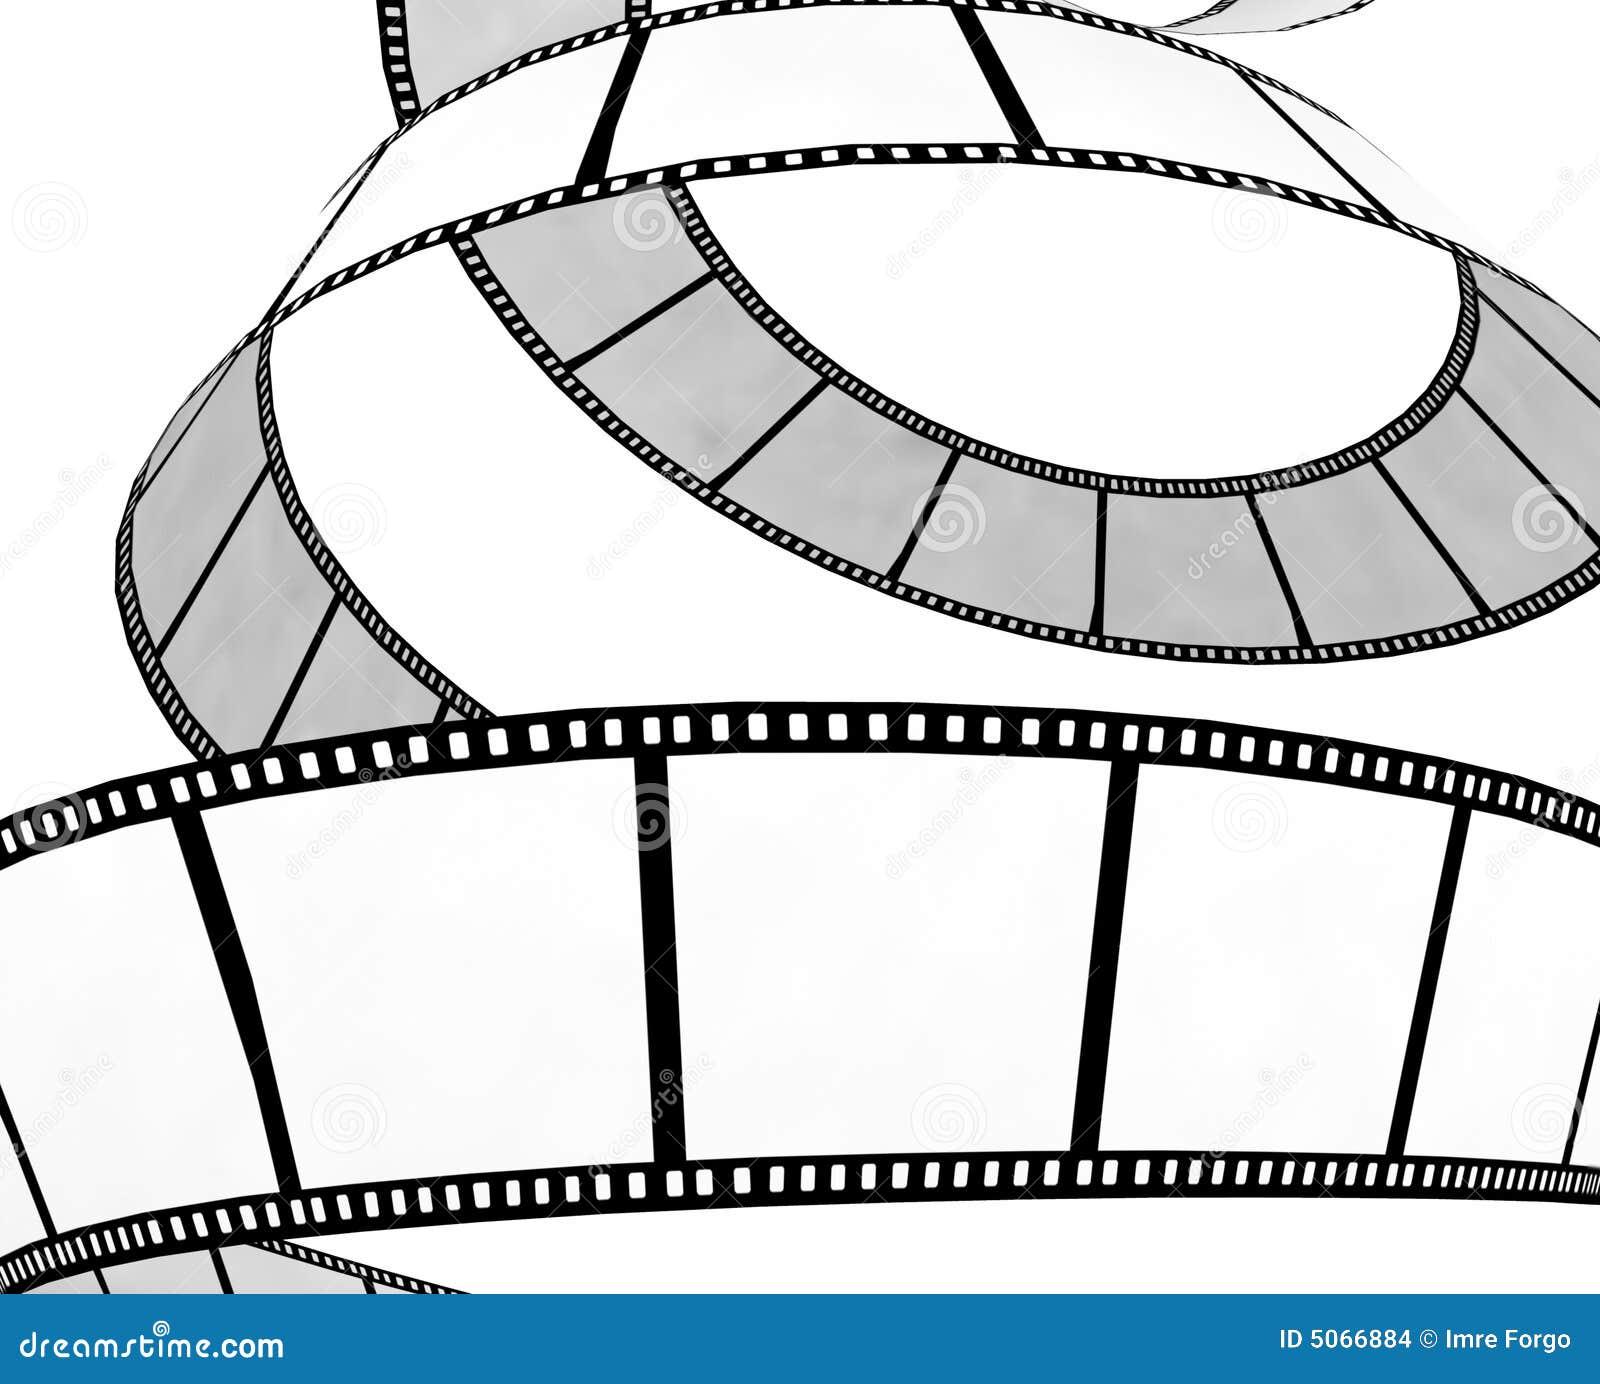 Isolated movie/photo film